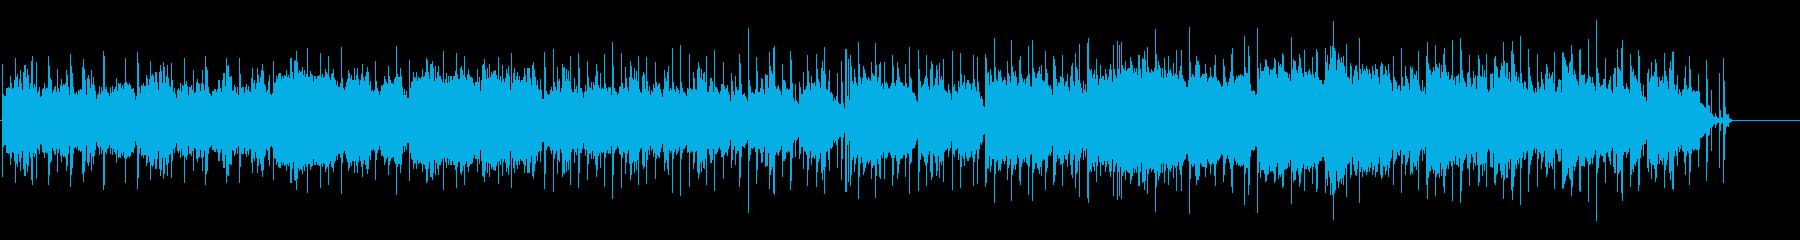 植物園をイメージした幻想的な百弦琴使用曲の再生済みの波形